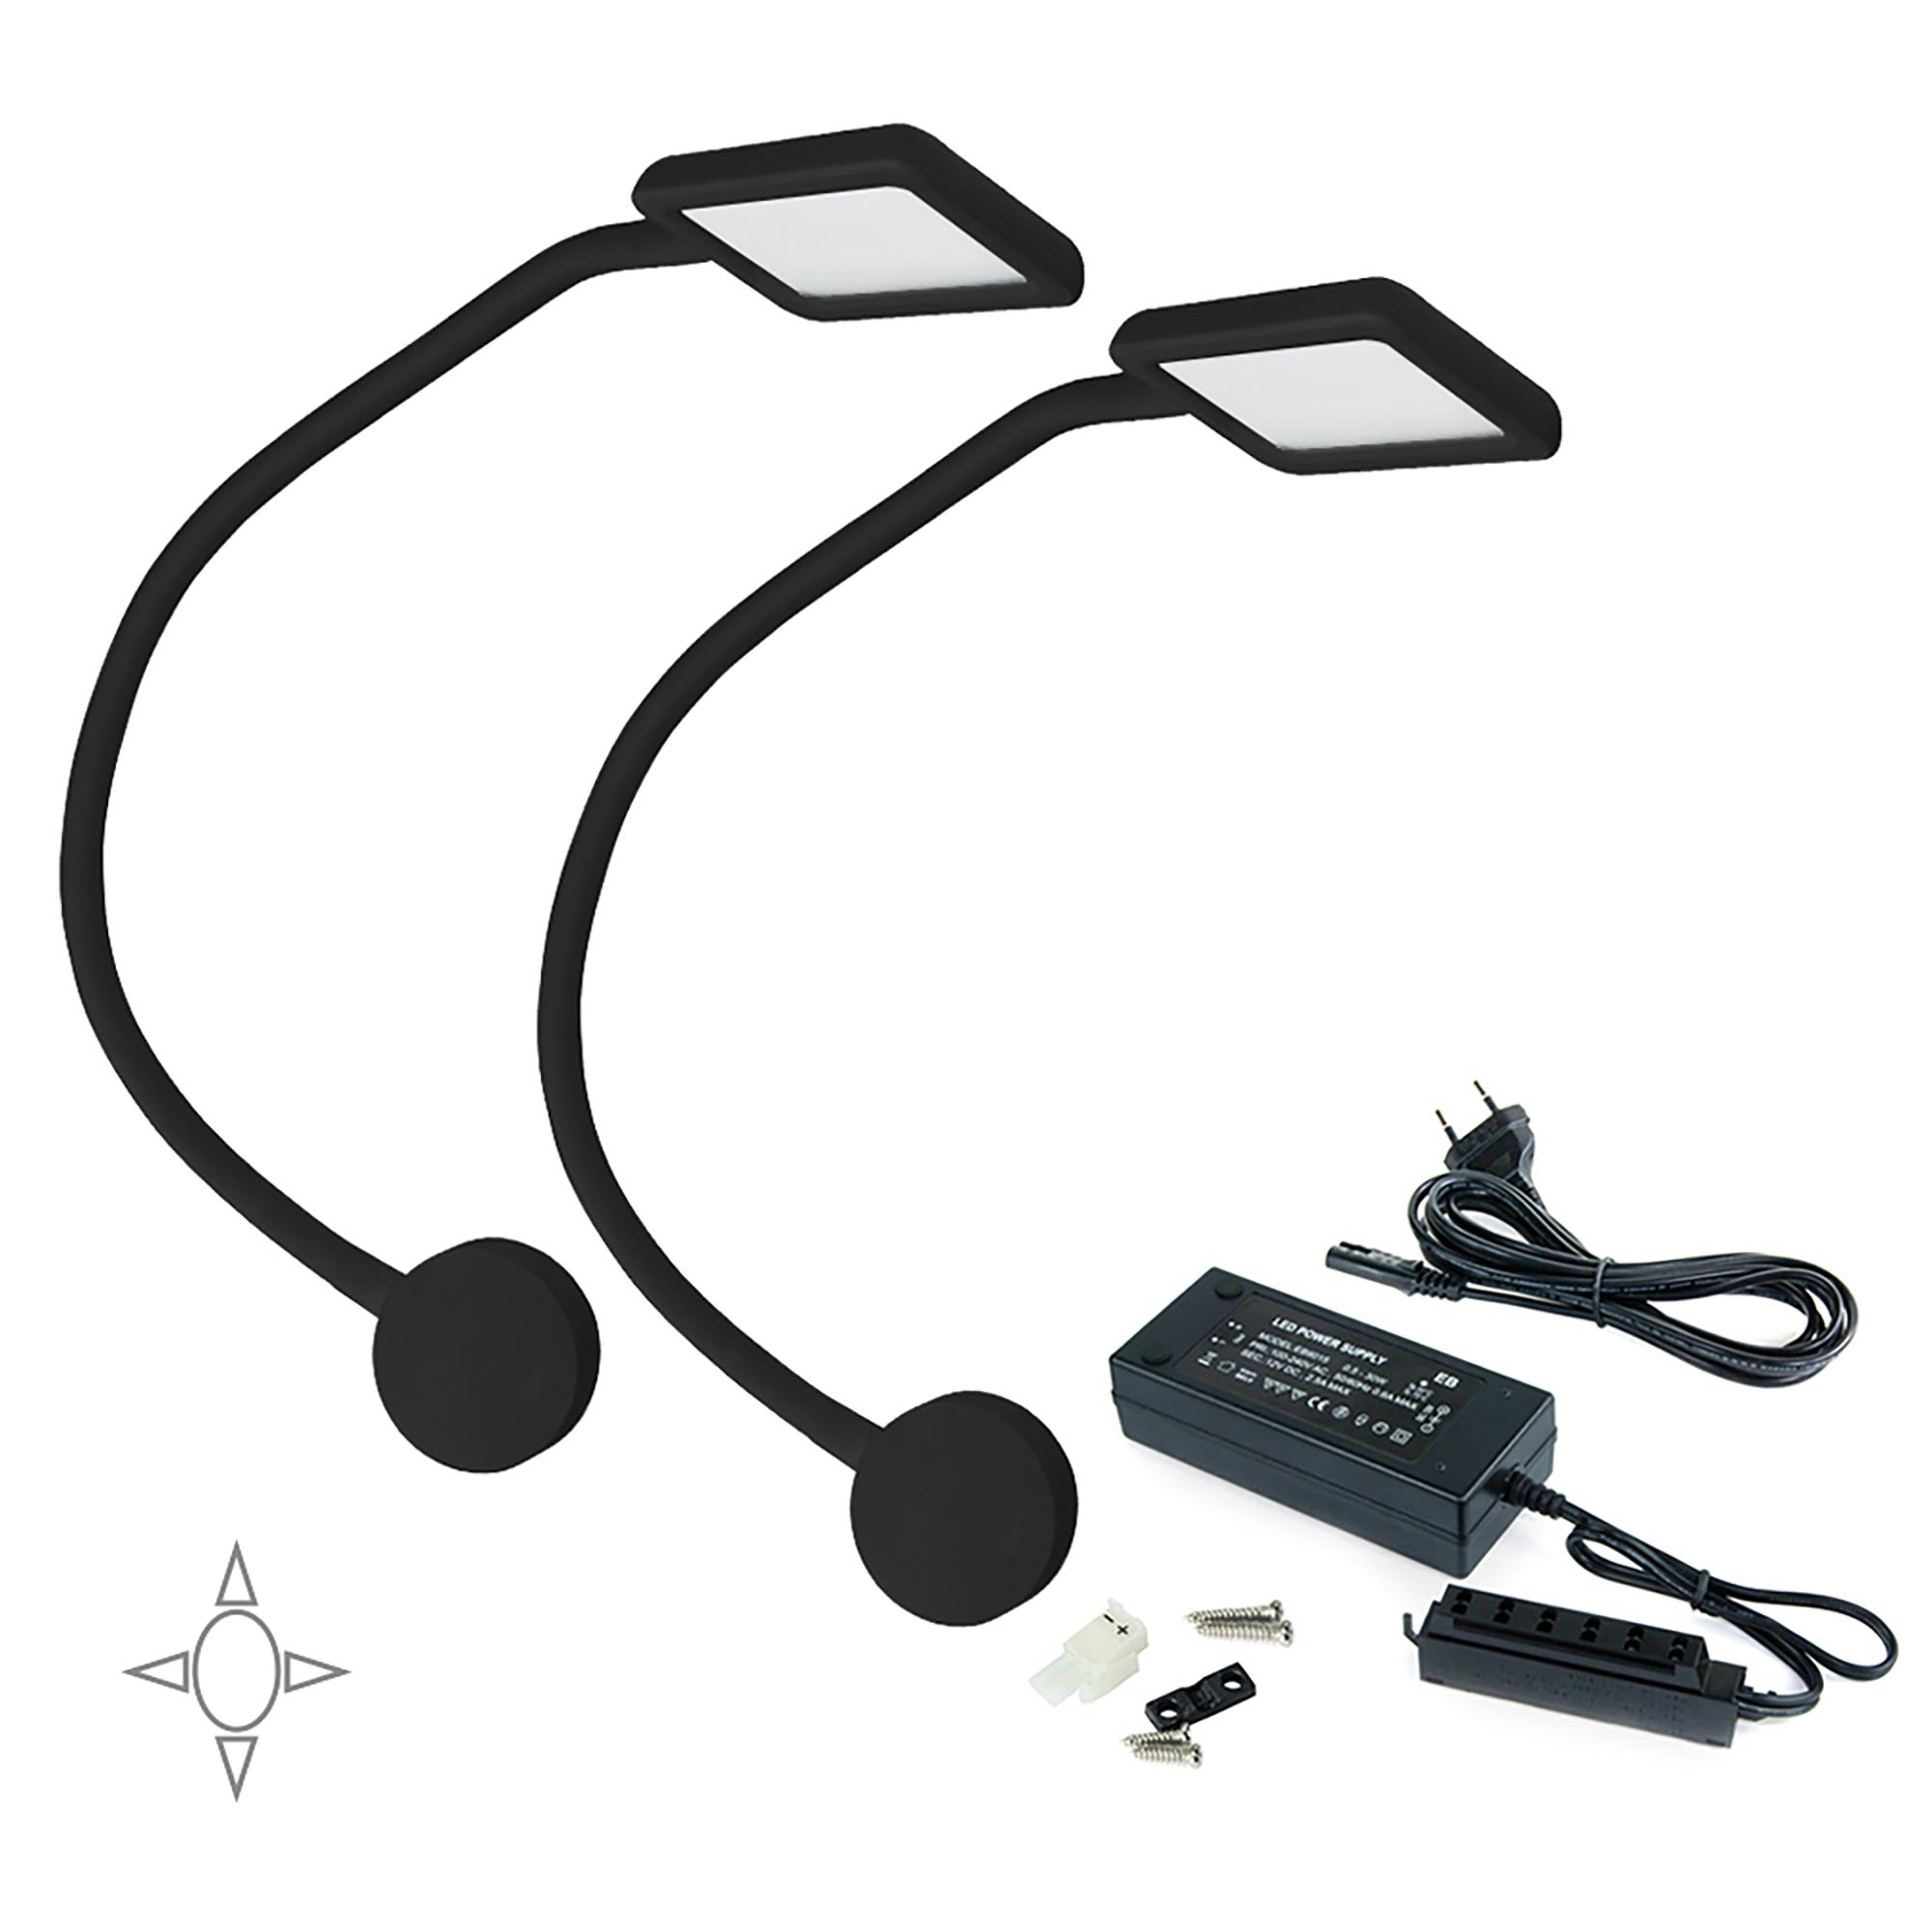 Emuca Applique LED, quadrato, braccio flessibile, sensore touch, 2 USB, Luce bianca naturale, Plastica, Nero, + Convertitore 50